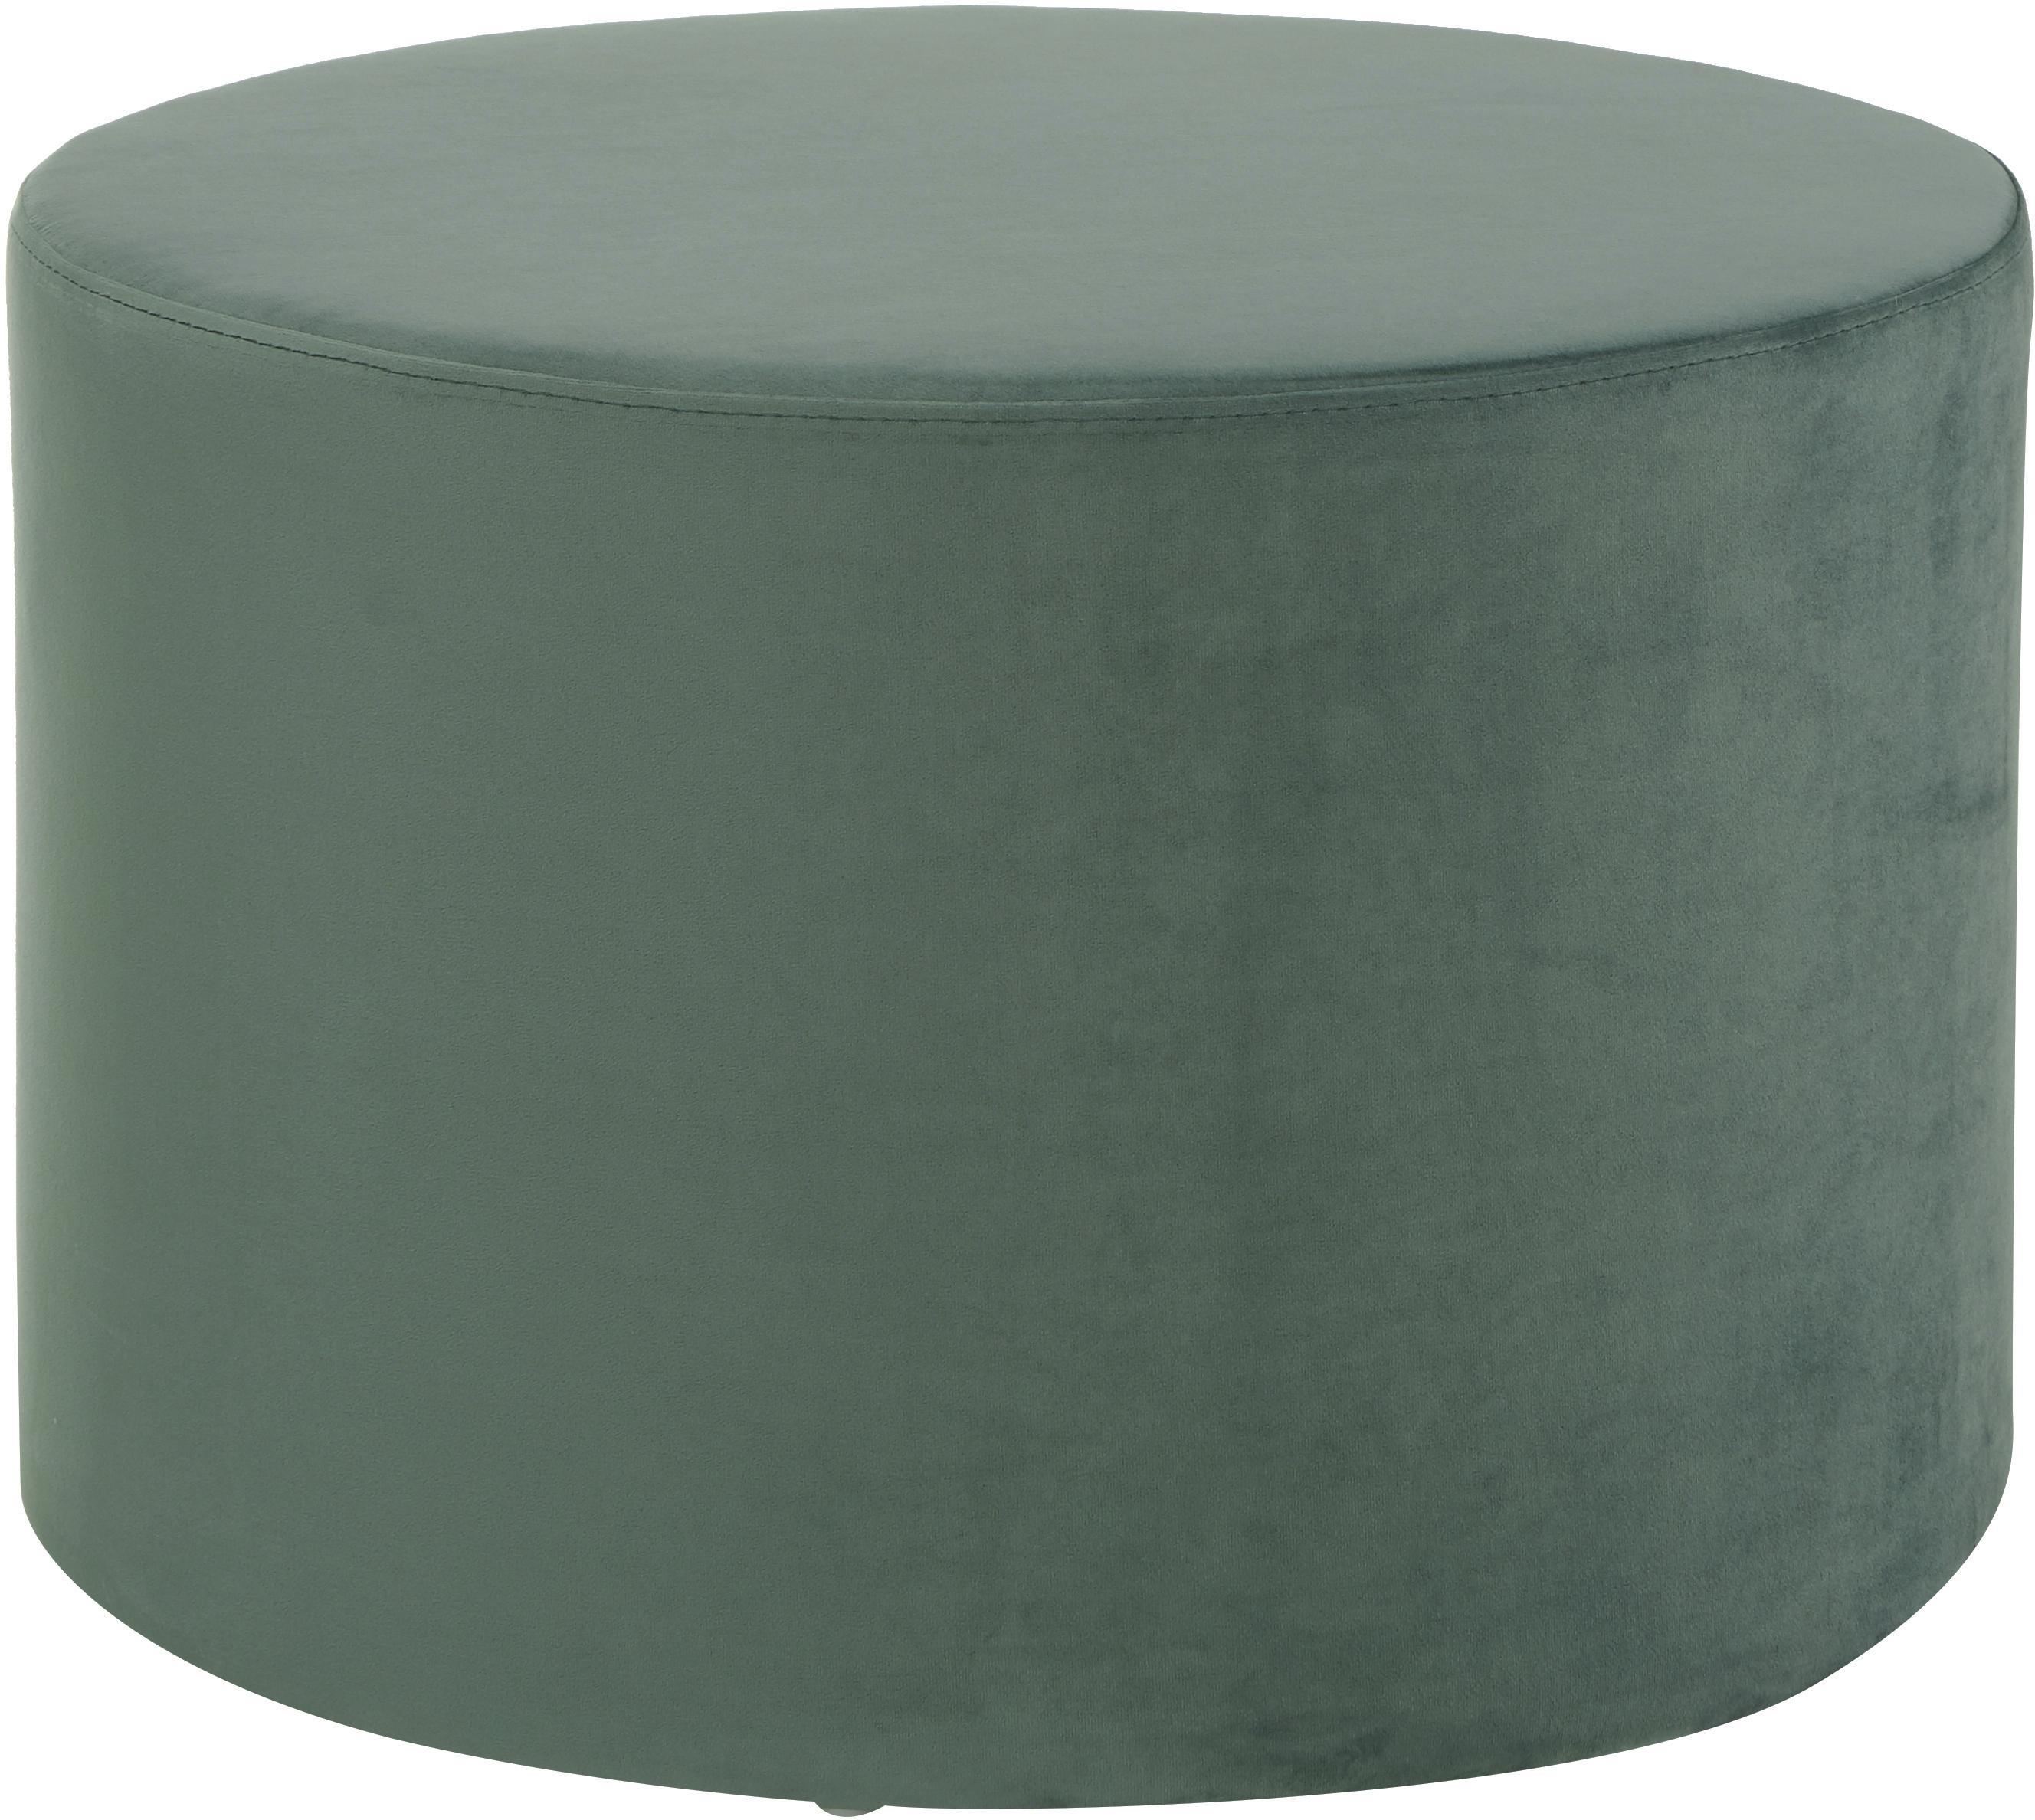 Puf de terciopelo Daisy, Tapizado: terciopelo (poliéster) Al, Estructura: tablero de fibras de dens, Verde claro, Ø 54 x Al 40 cm